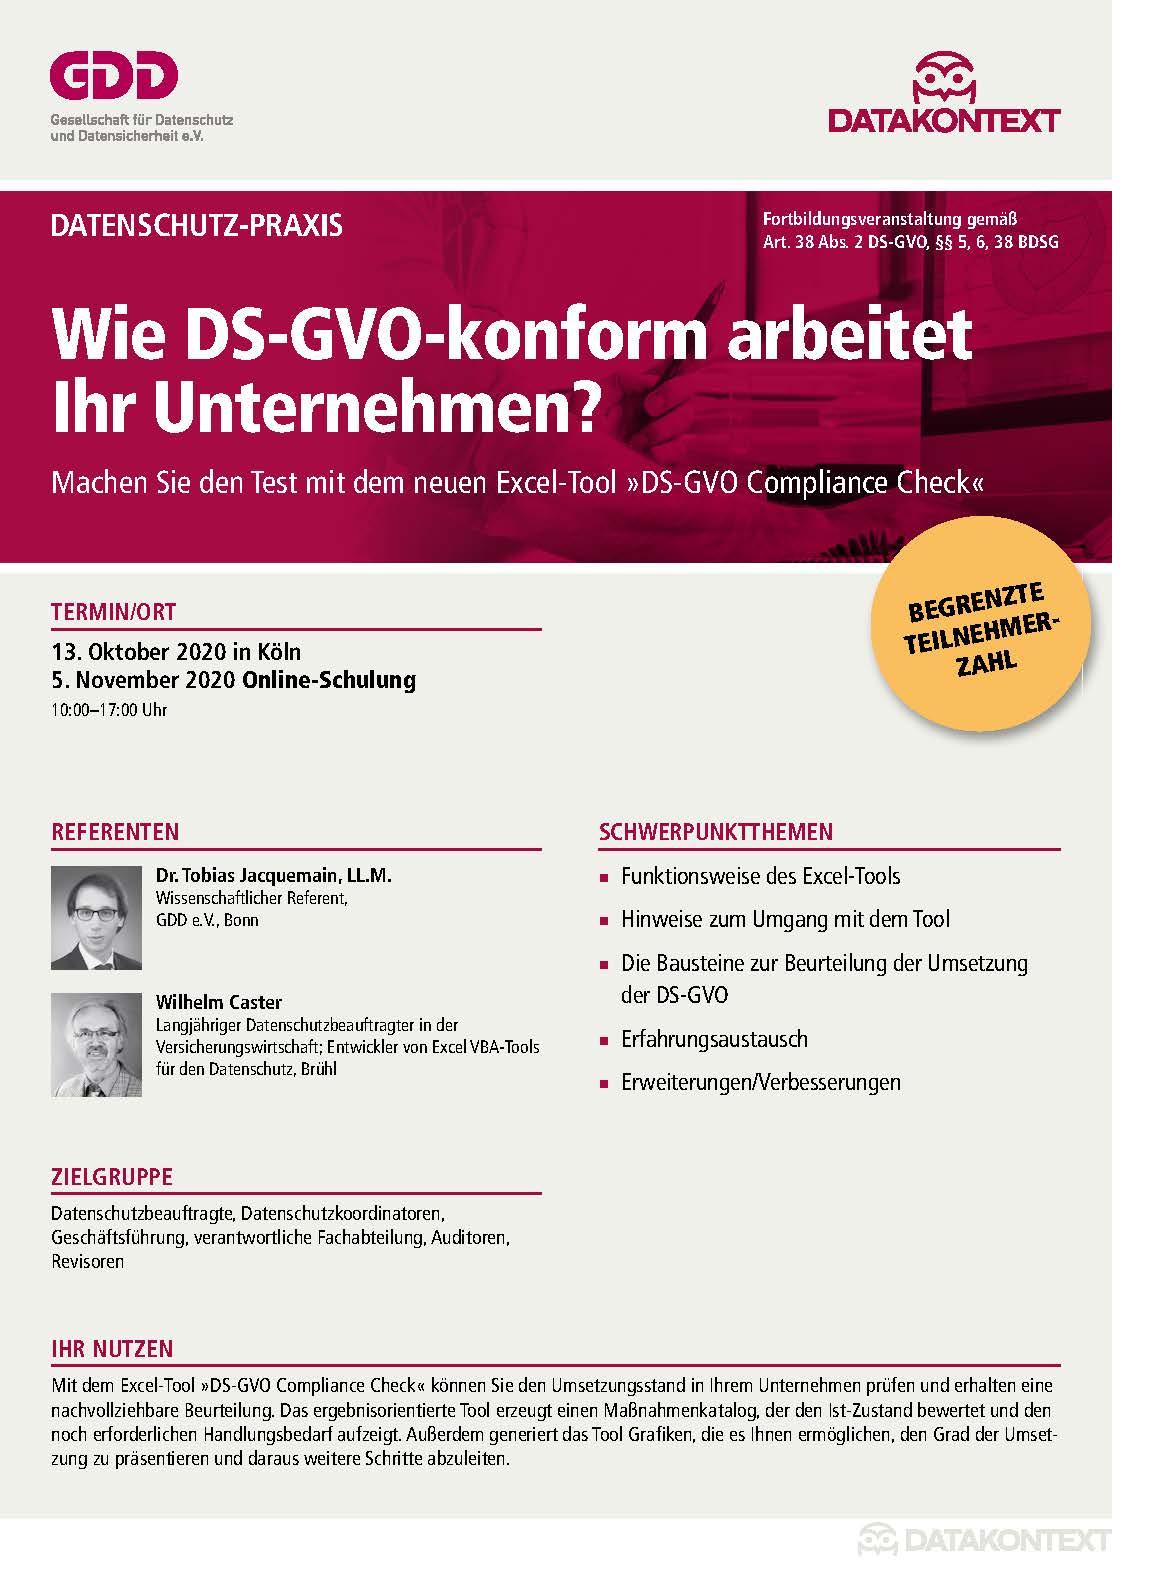 Wie DS-GVO-konform arbeitet Ihr Unternehmen?